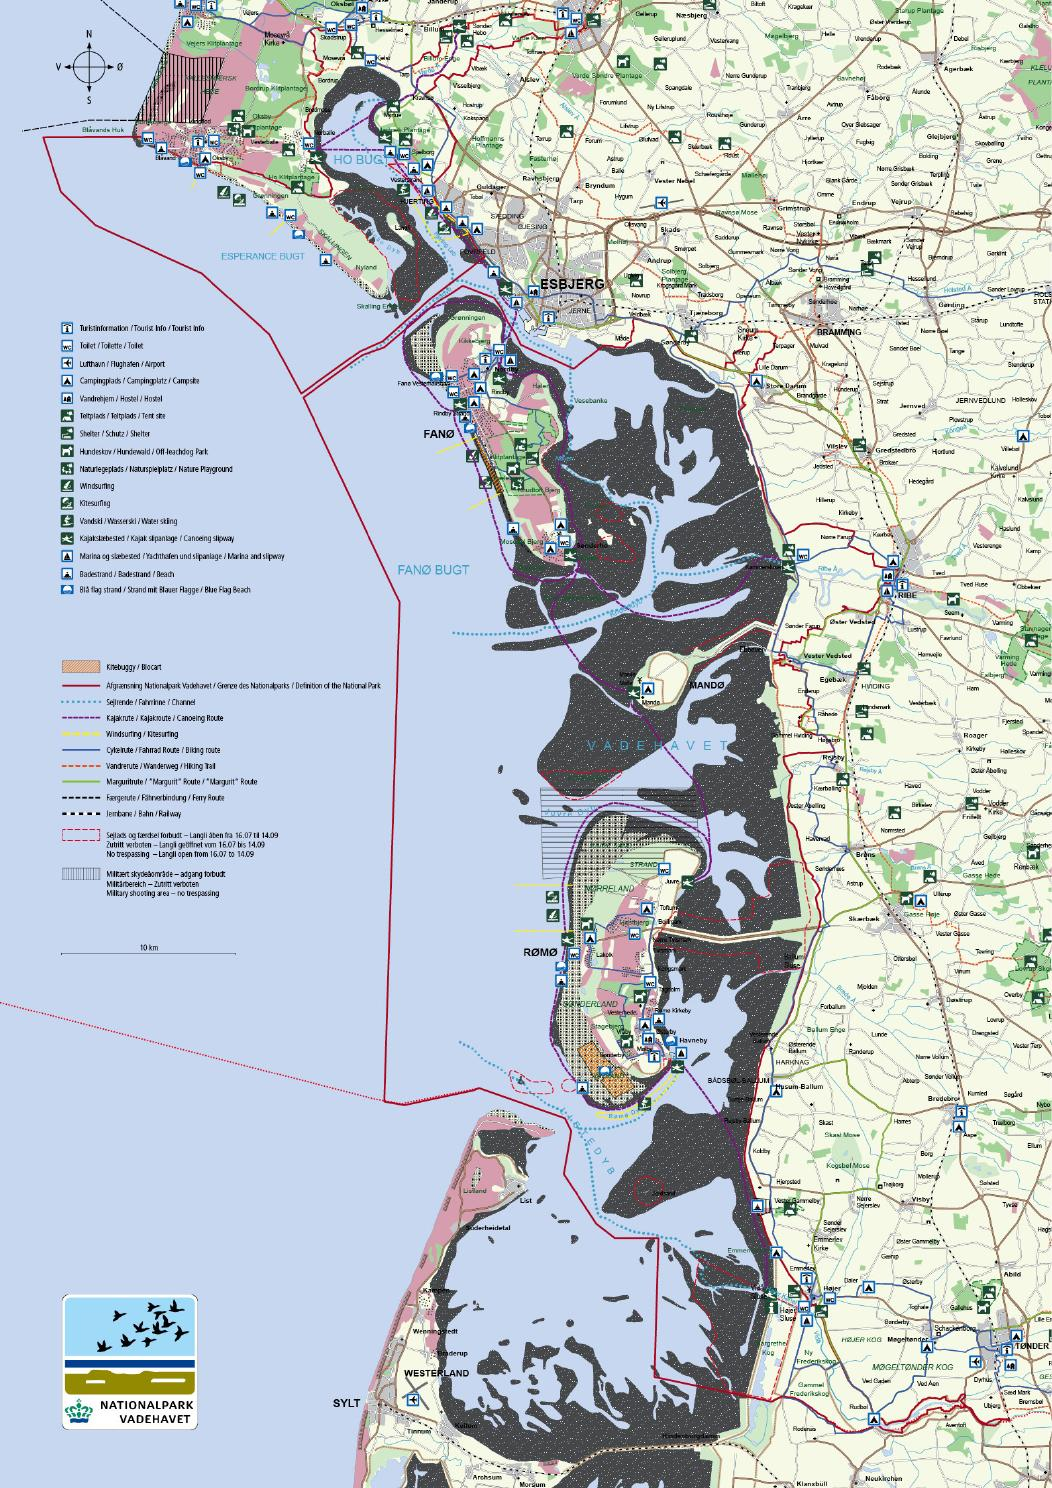 2015 Kort Over Friluftsliv By Nationalpark Vadehavet Issuu